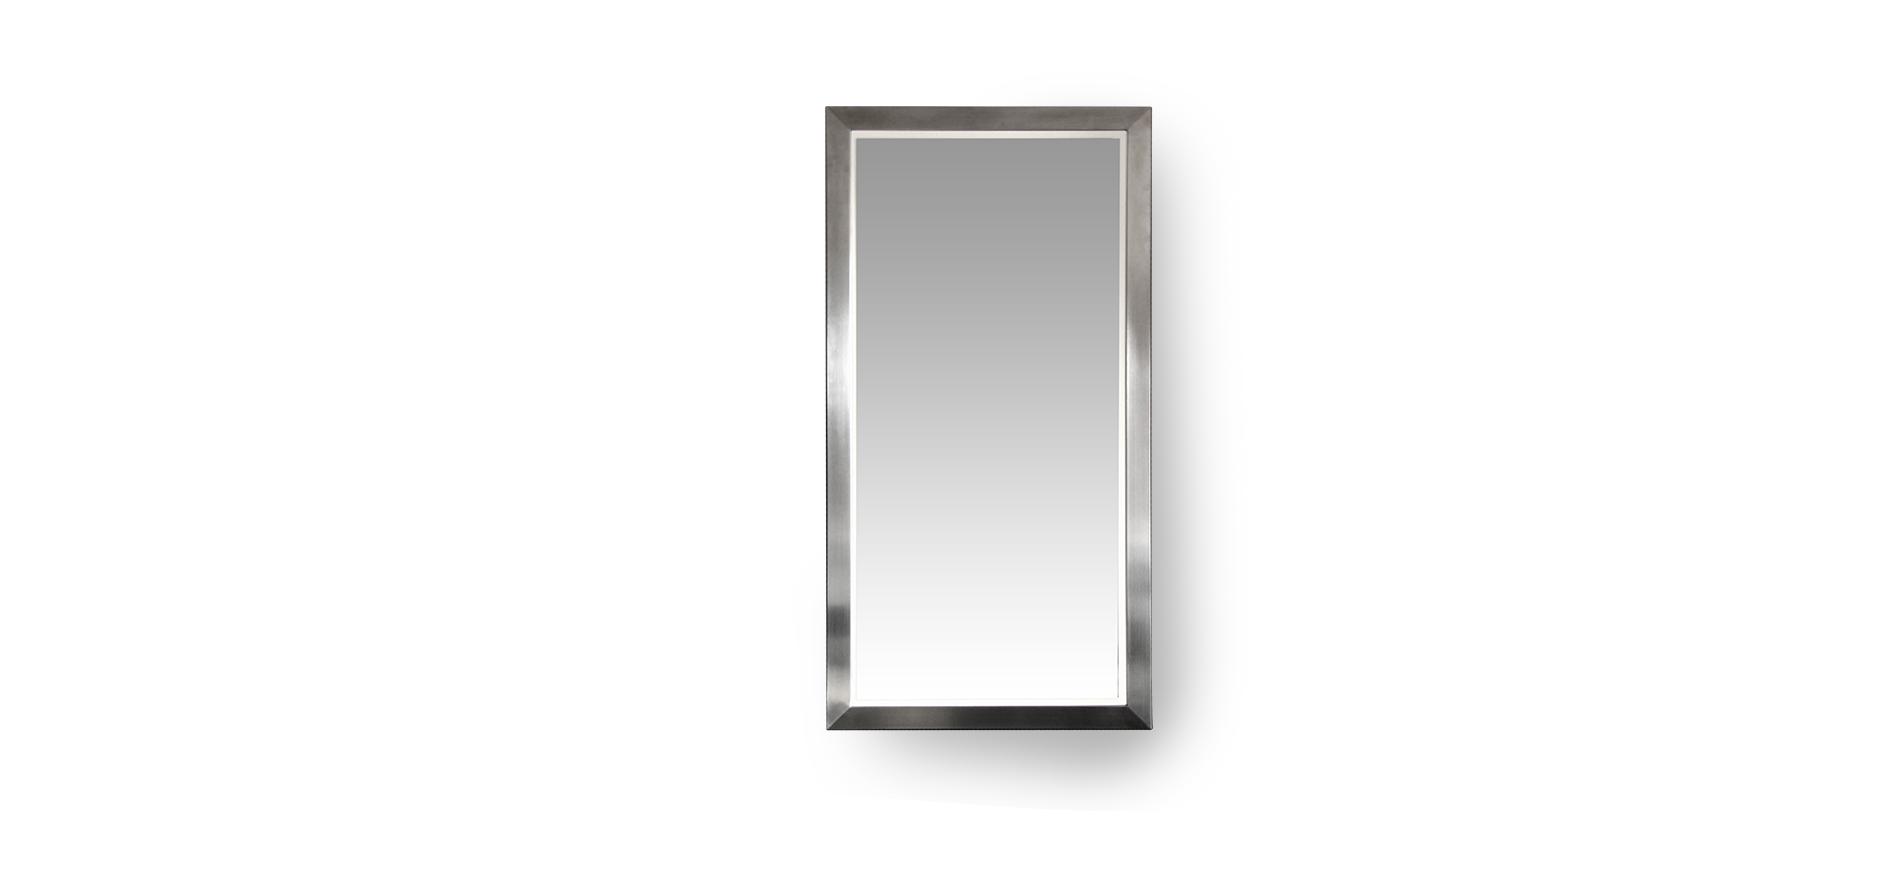 steel-espejo-haleria-h1